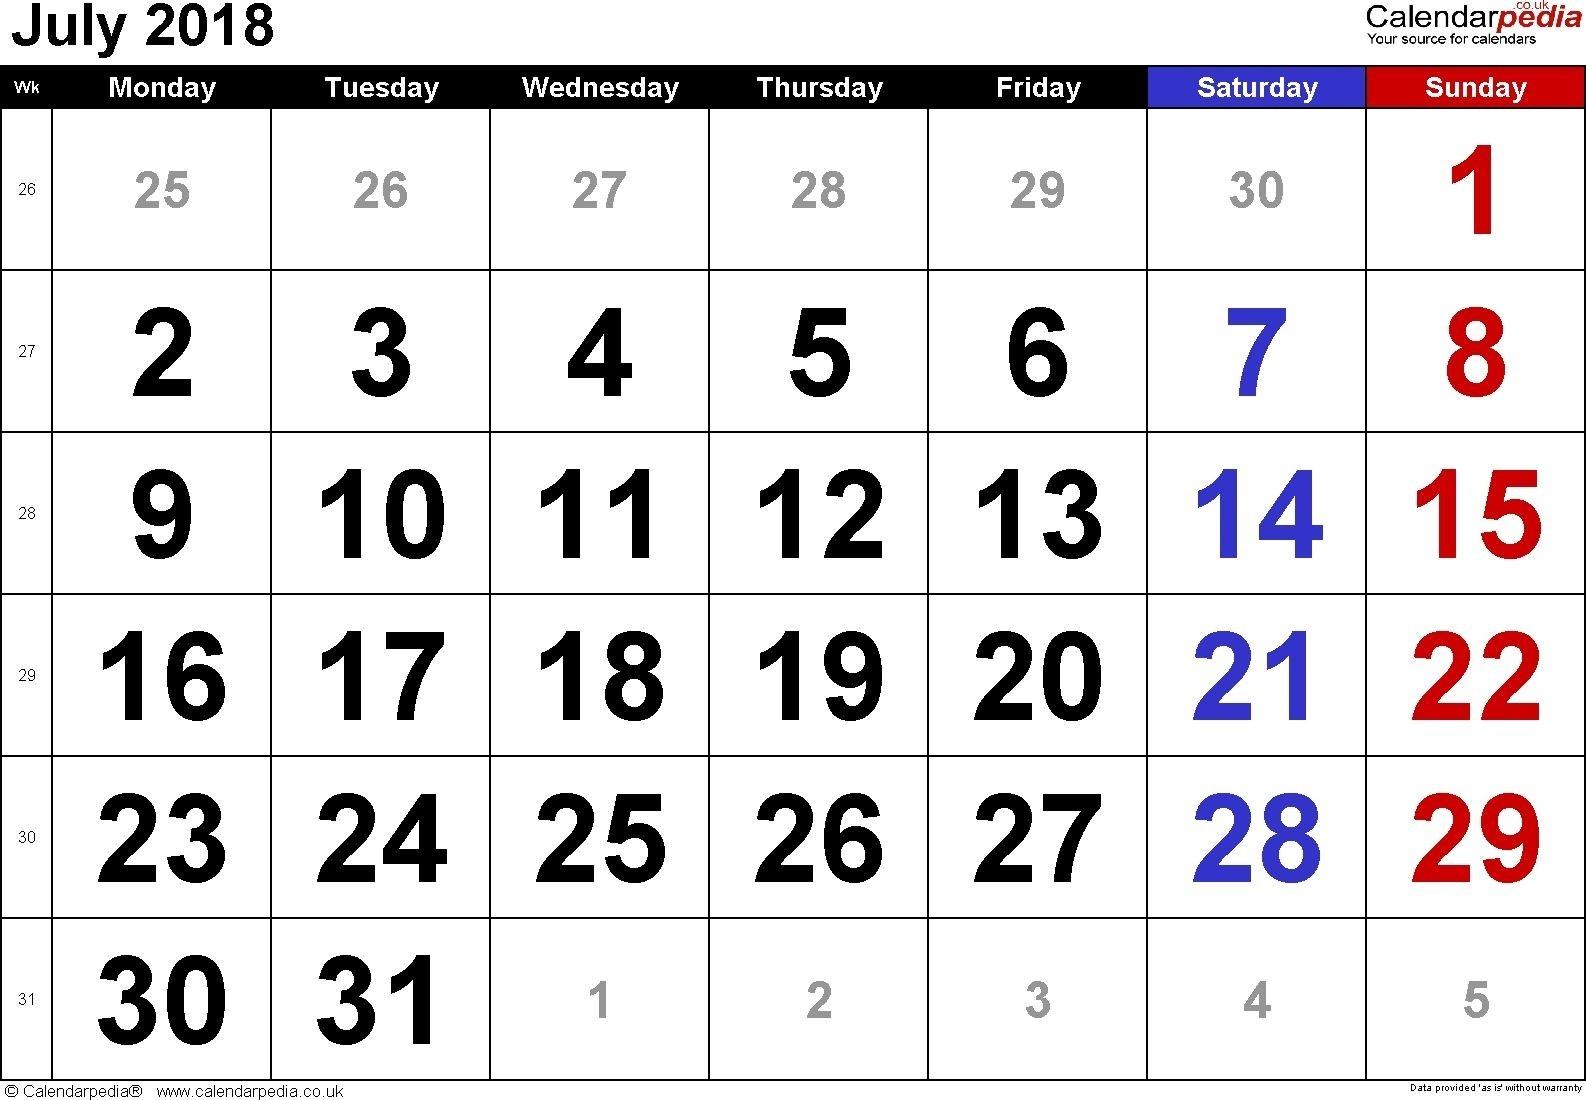 Free Printable Calendar Large Numbers   Printable Calendar-Printable Calendars Large Numbers